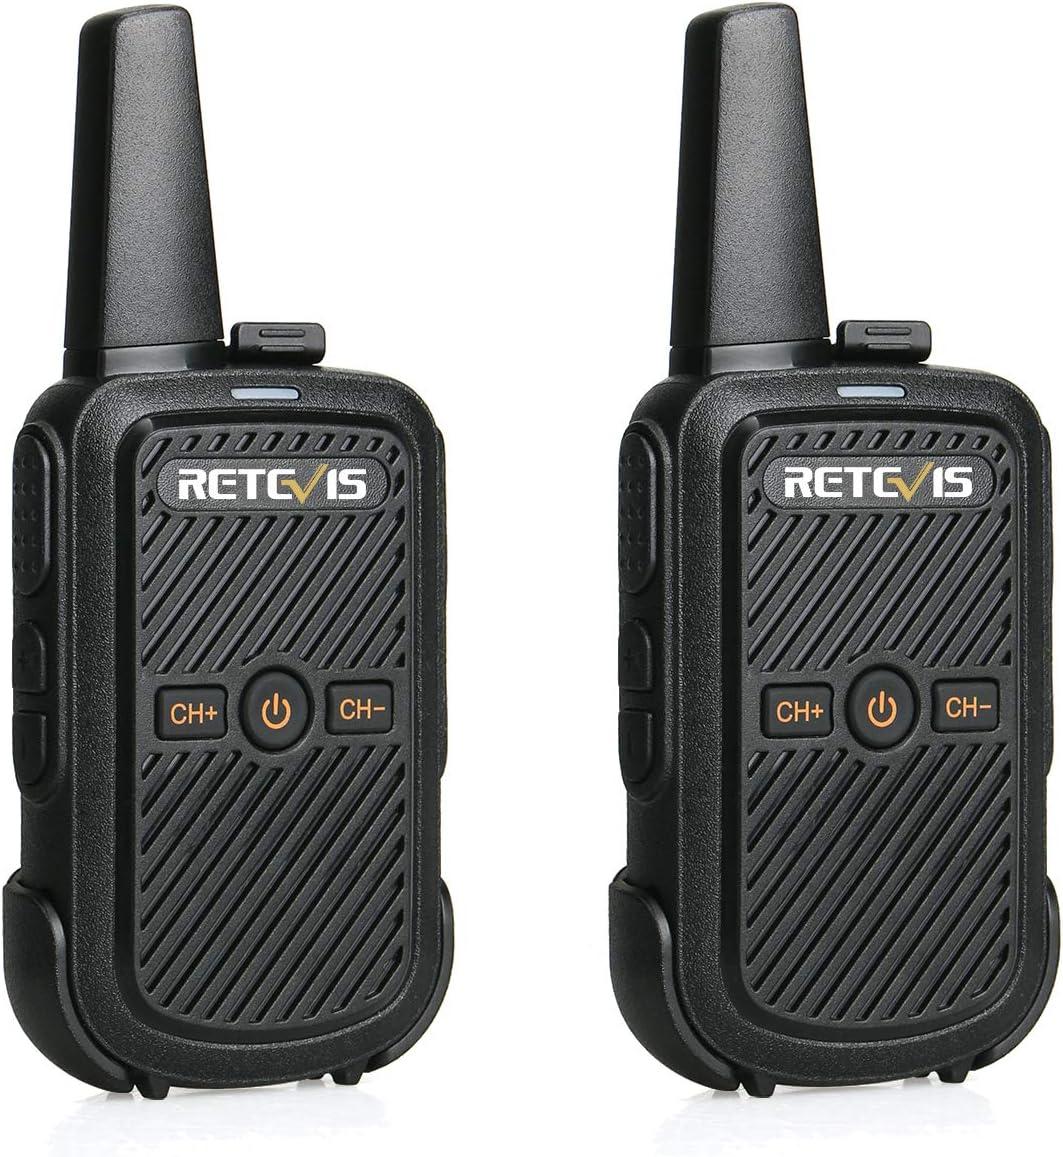 Retevis Rt15 Mini Walkie Talkie Vox Scan 16ch 50 Elektronik